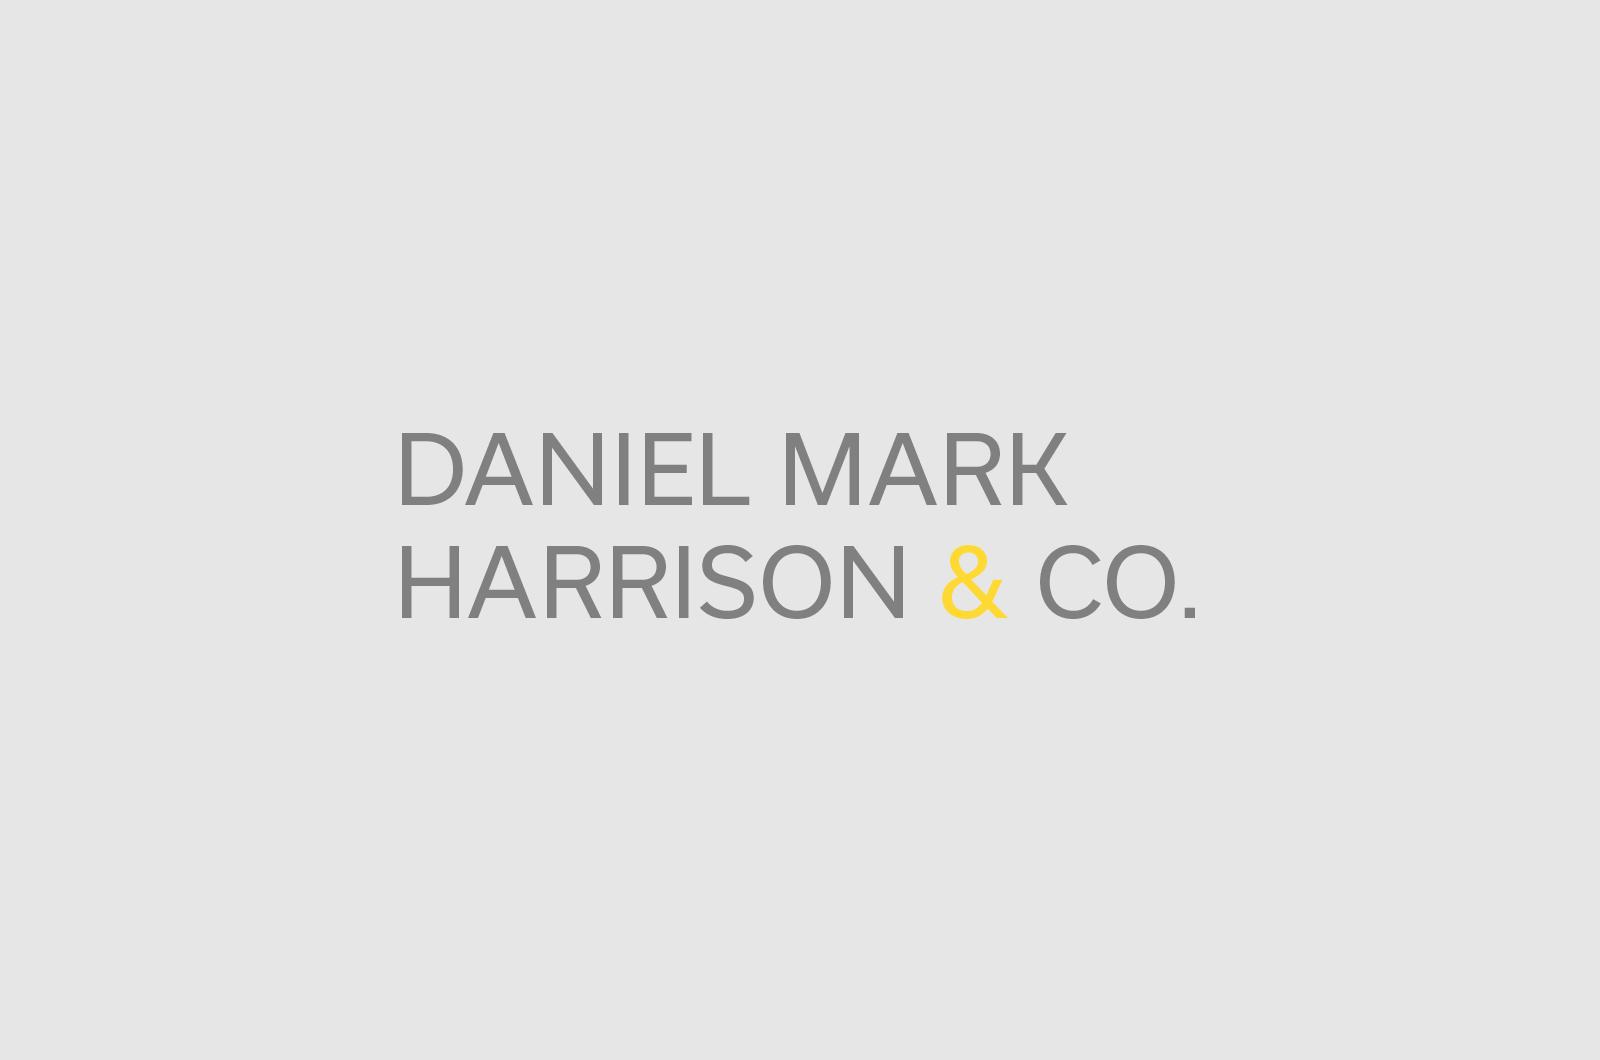 DMH&CO Brand Full Logo 01